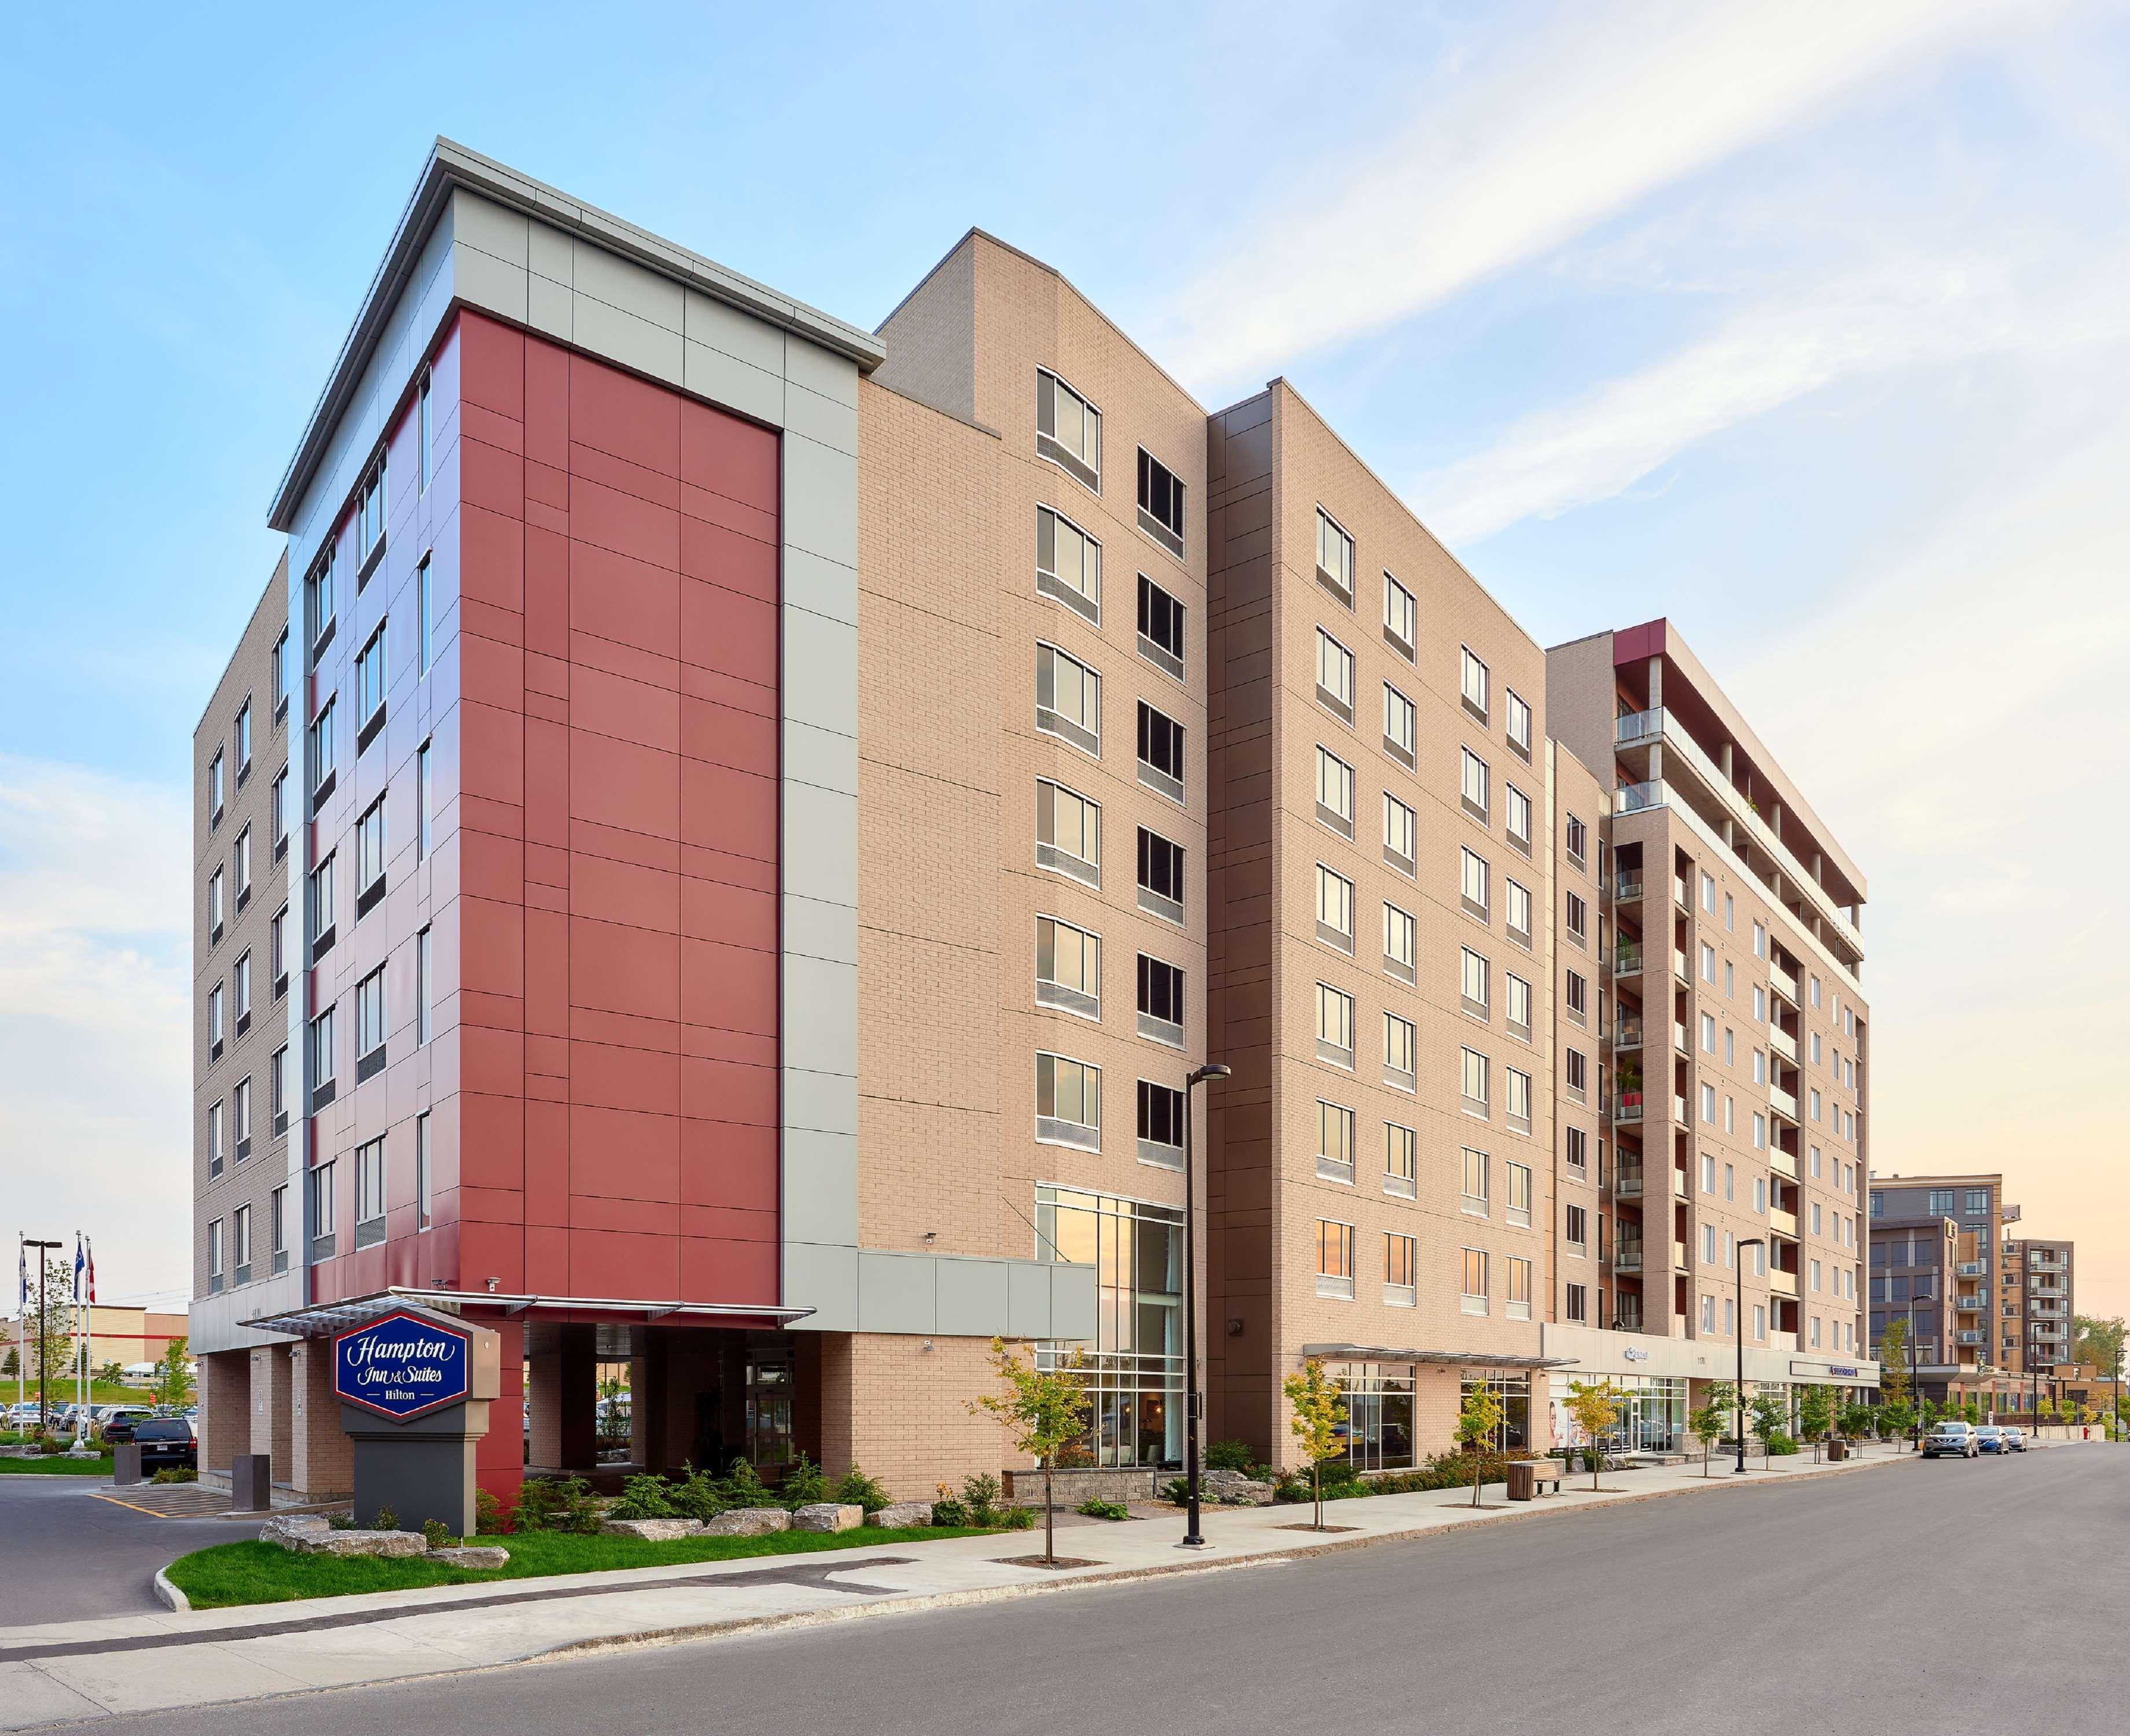 Hampton Inn & Suites by Hilton Quebec City /Saint-Romuald